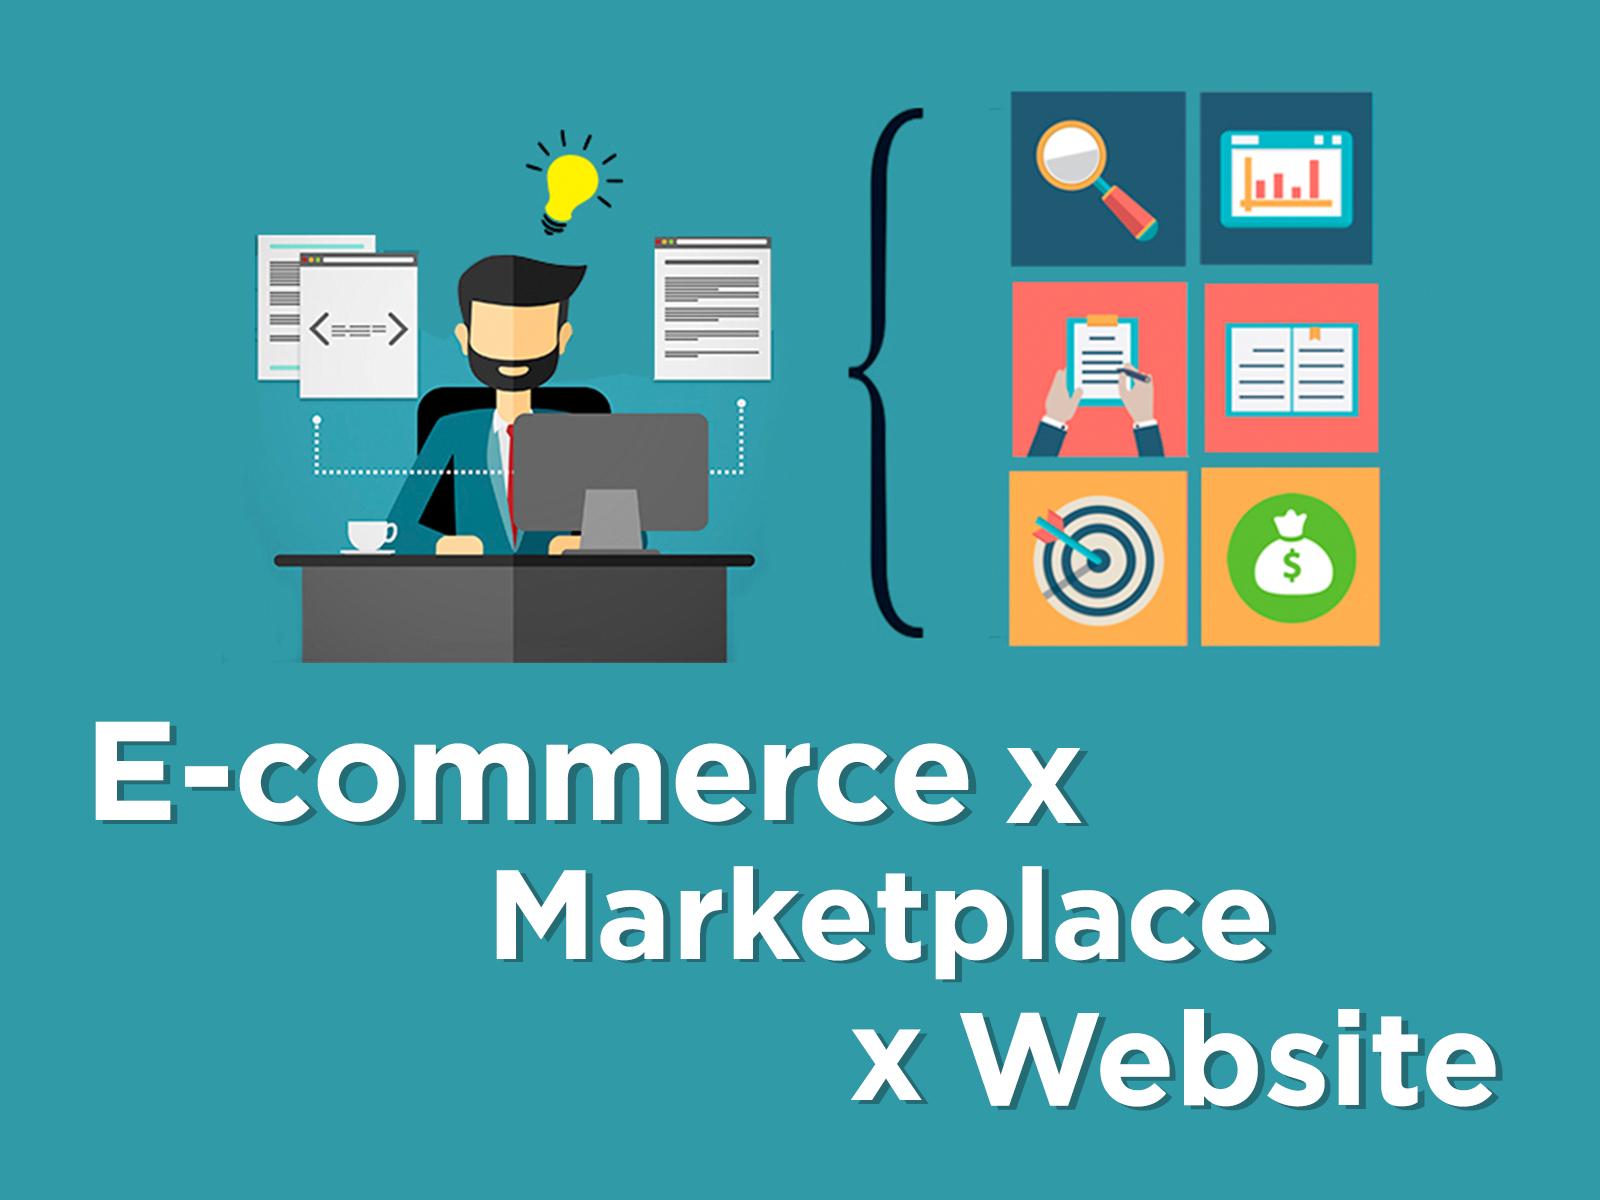 Perbedaan Brand E-commerce Marketplace dan Website di Mata Konsumen